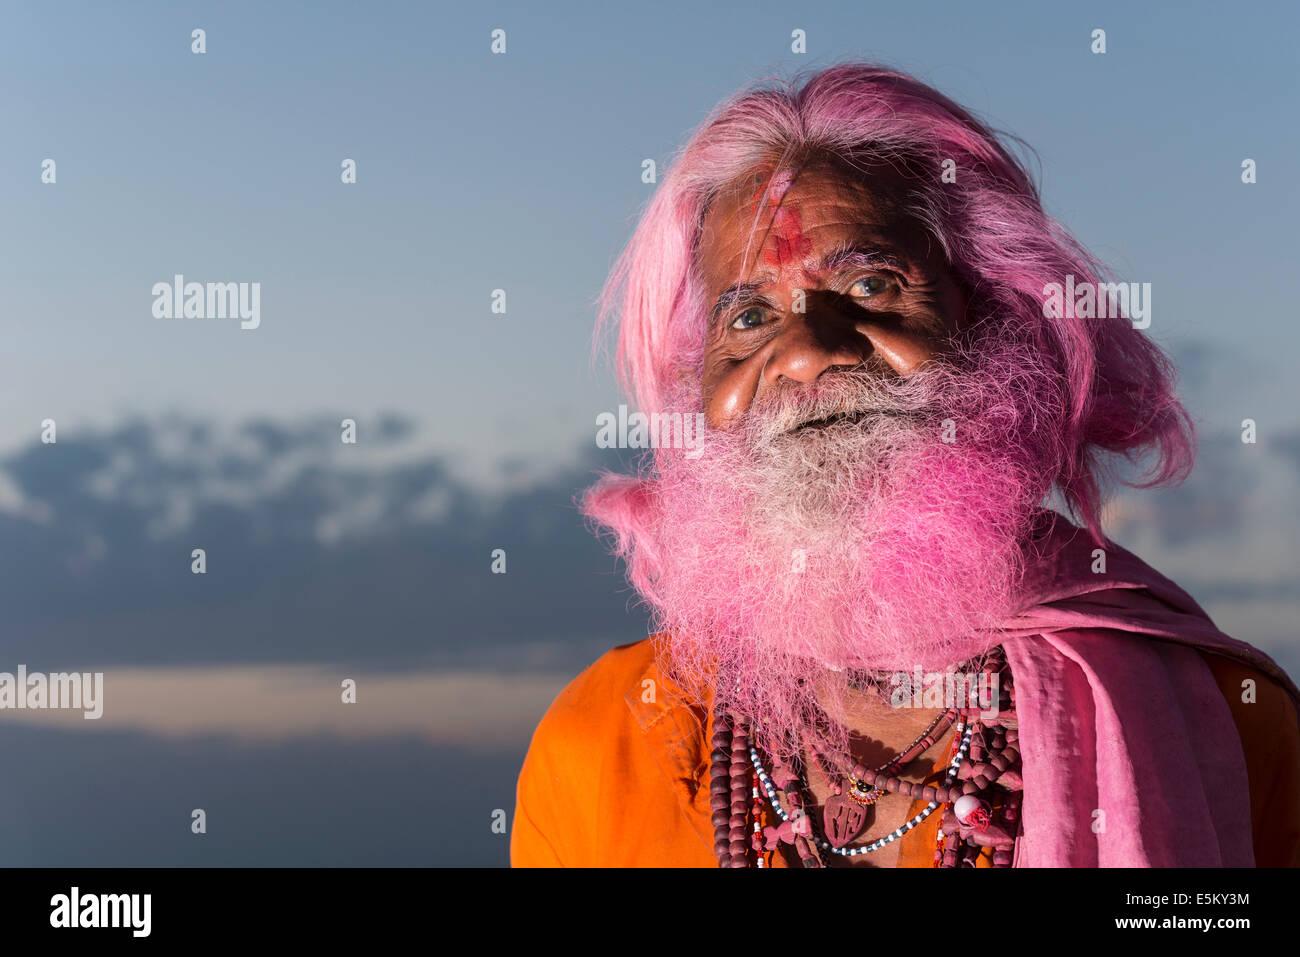 Portrait d'un vieil homme avec une barbe rose au festival de Holi, Vrindavan, Uttar Pradesh, Inde Photo Stock